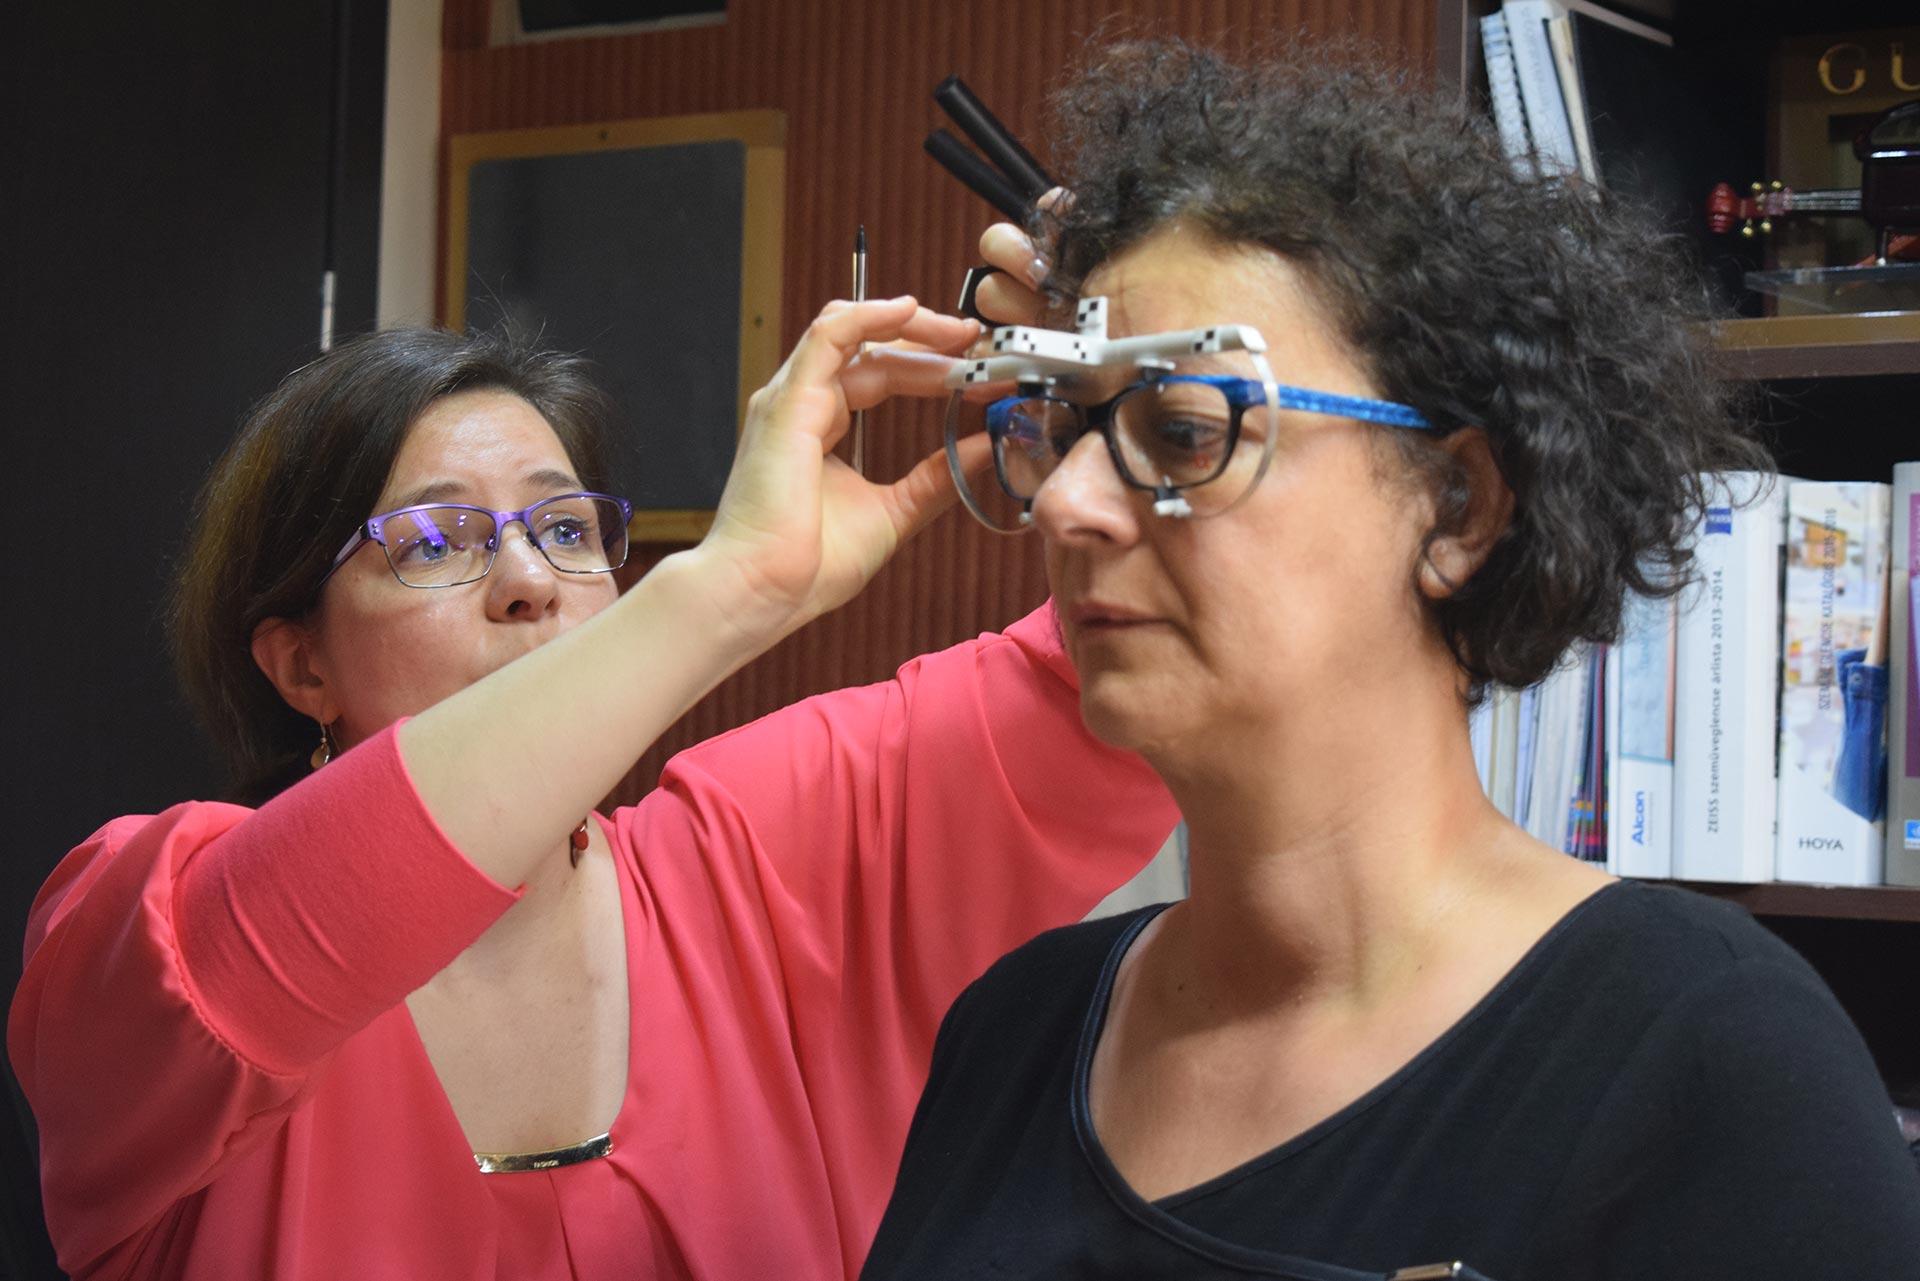 optistyle-szemvizsgalat